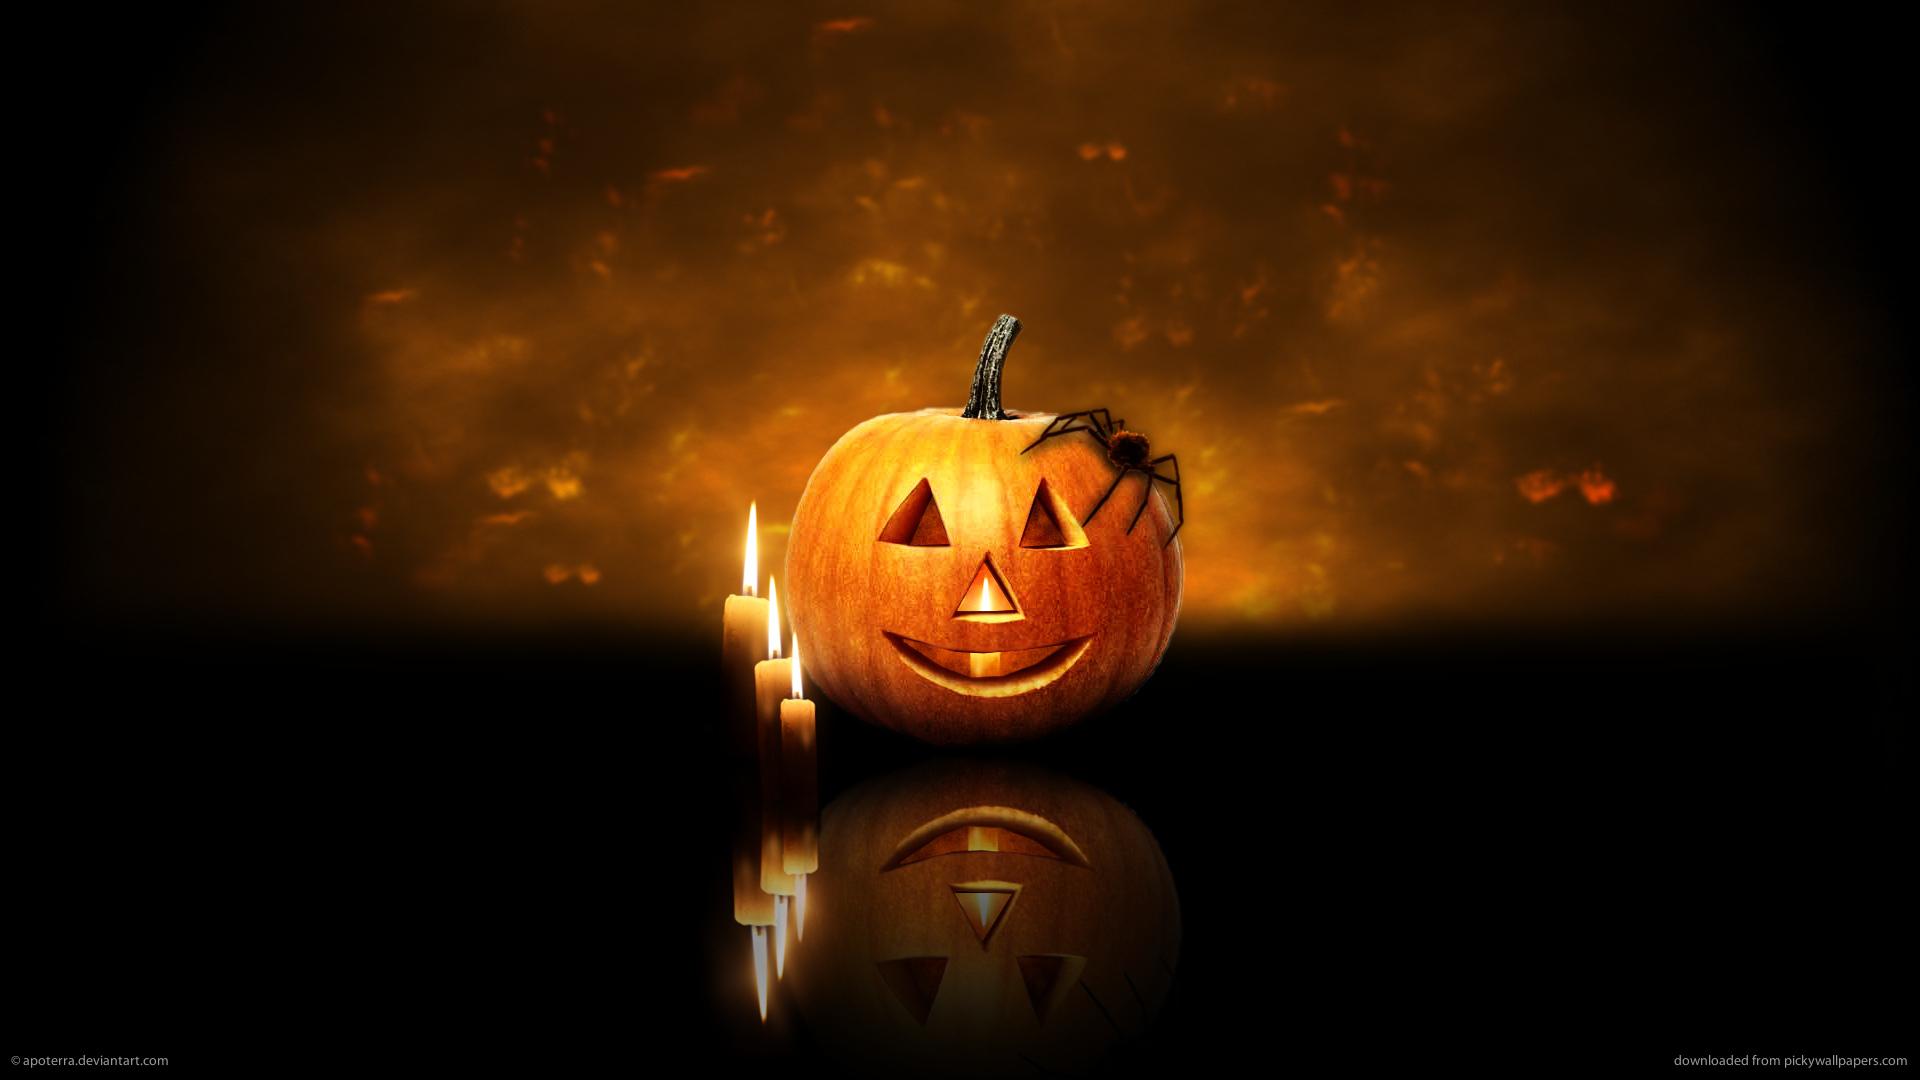 halloween candels pumpkin screensavers holidays wallpaper 1920x1080